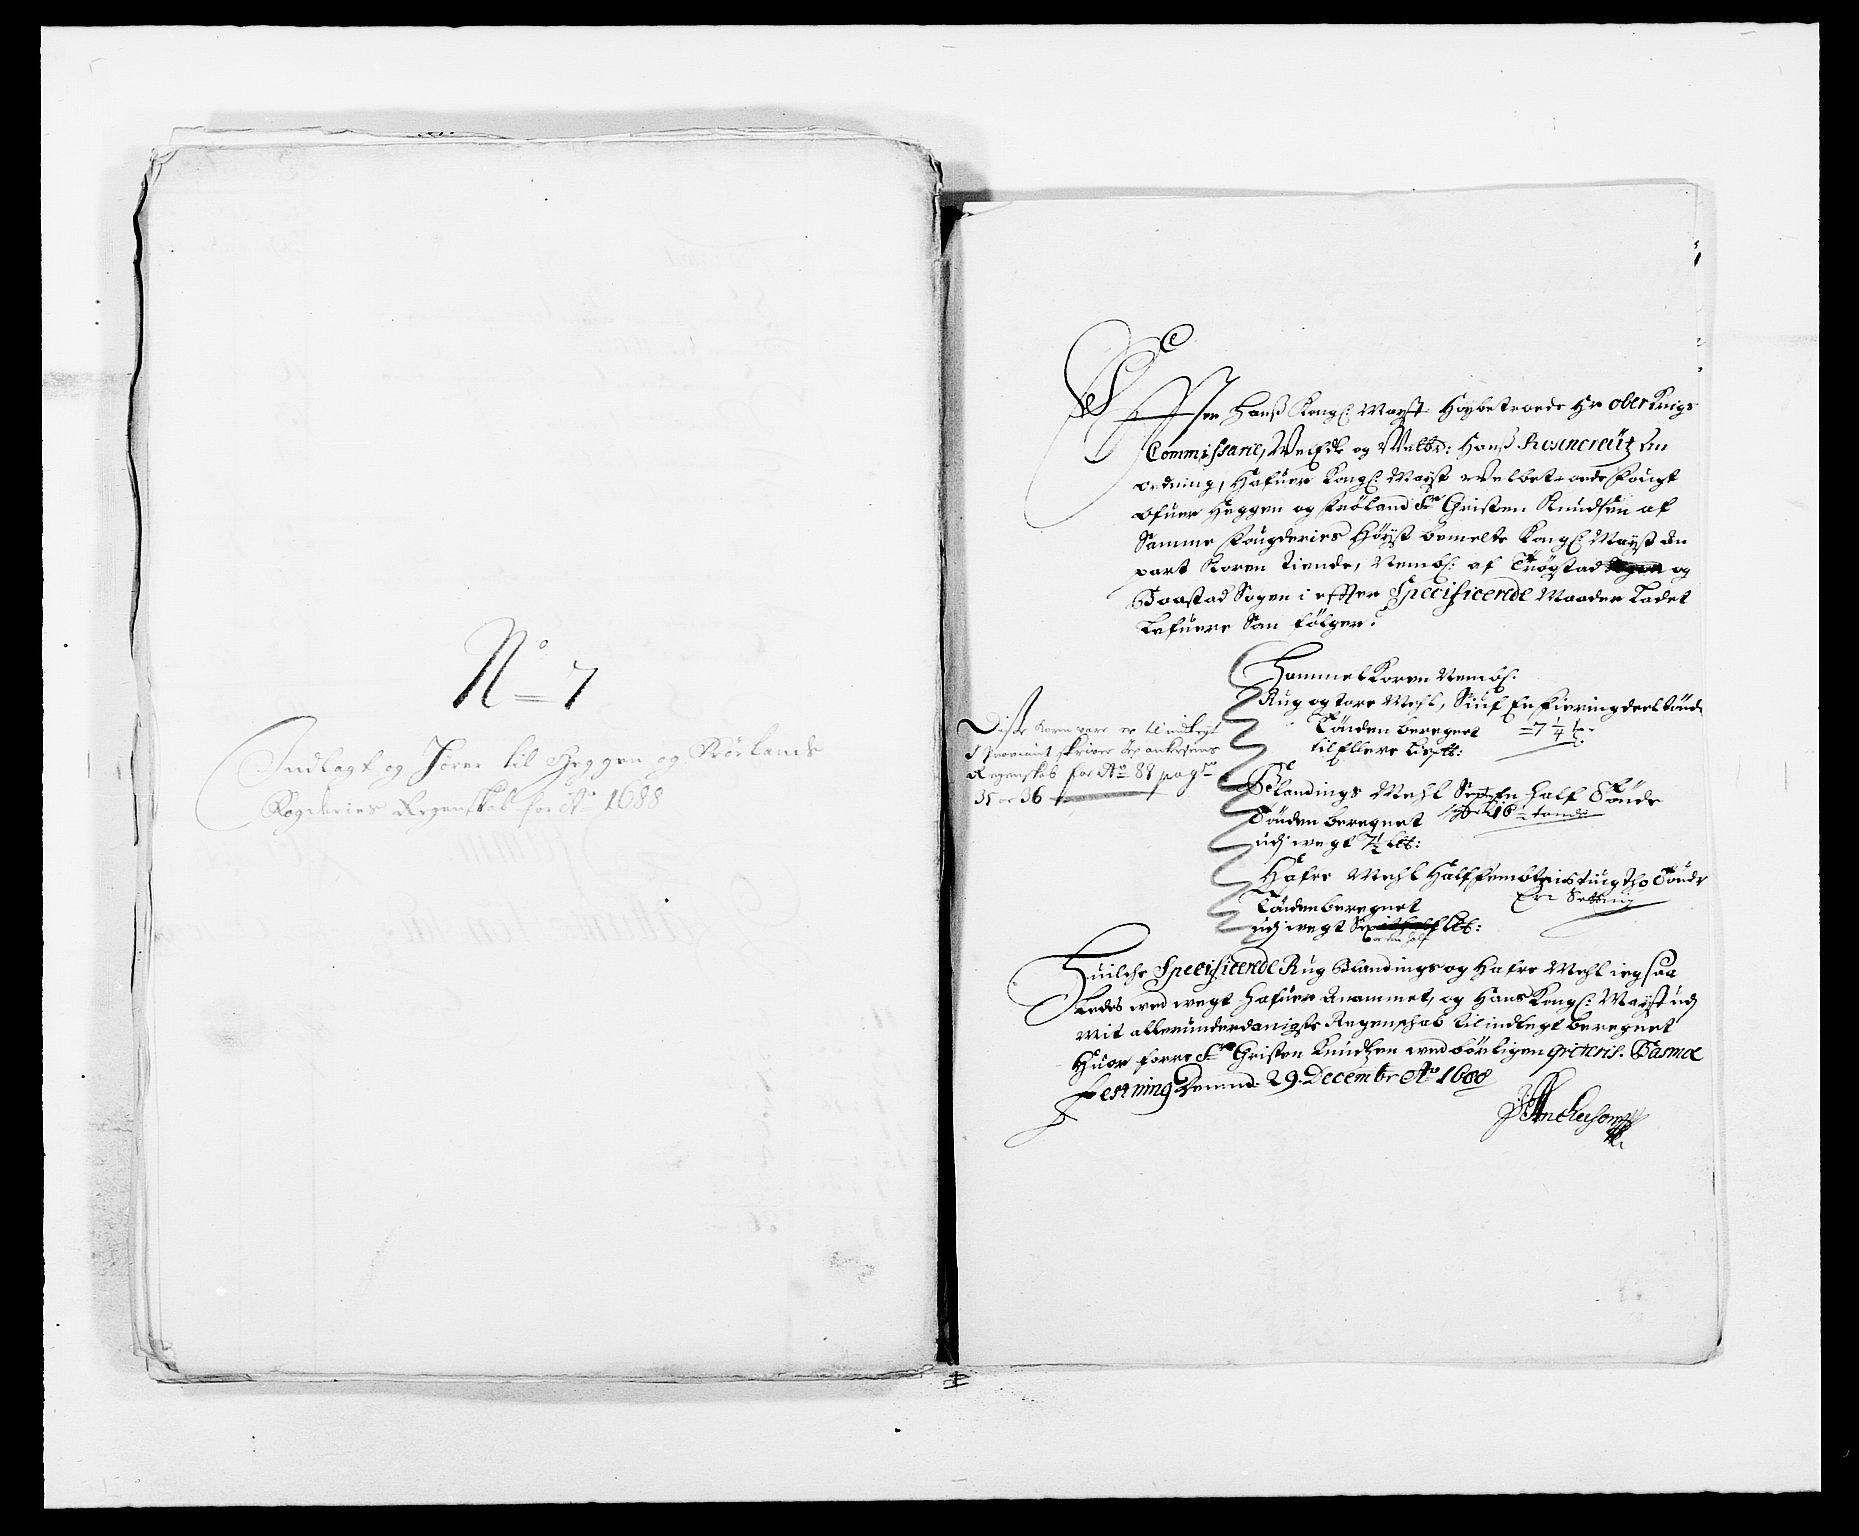 RA, Rentekammeret inntil 1814, Reviderte regnskaper, Fogderegnskap, R06/L0282: Fogderegnskap Heggen og Frøland, 1687-1690, s. 111